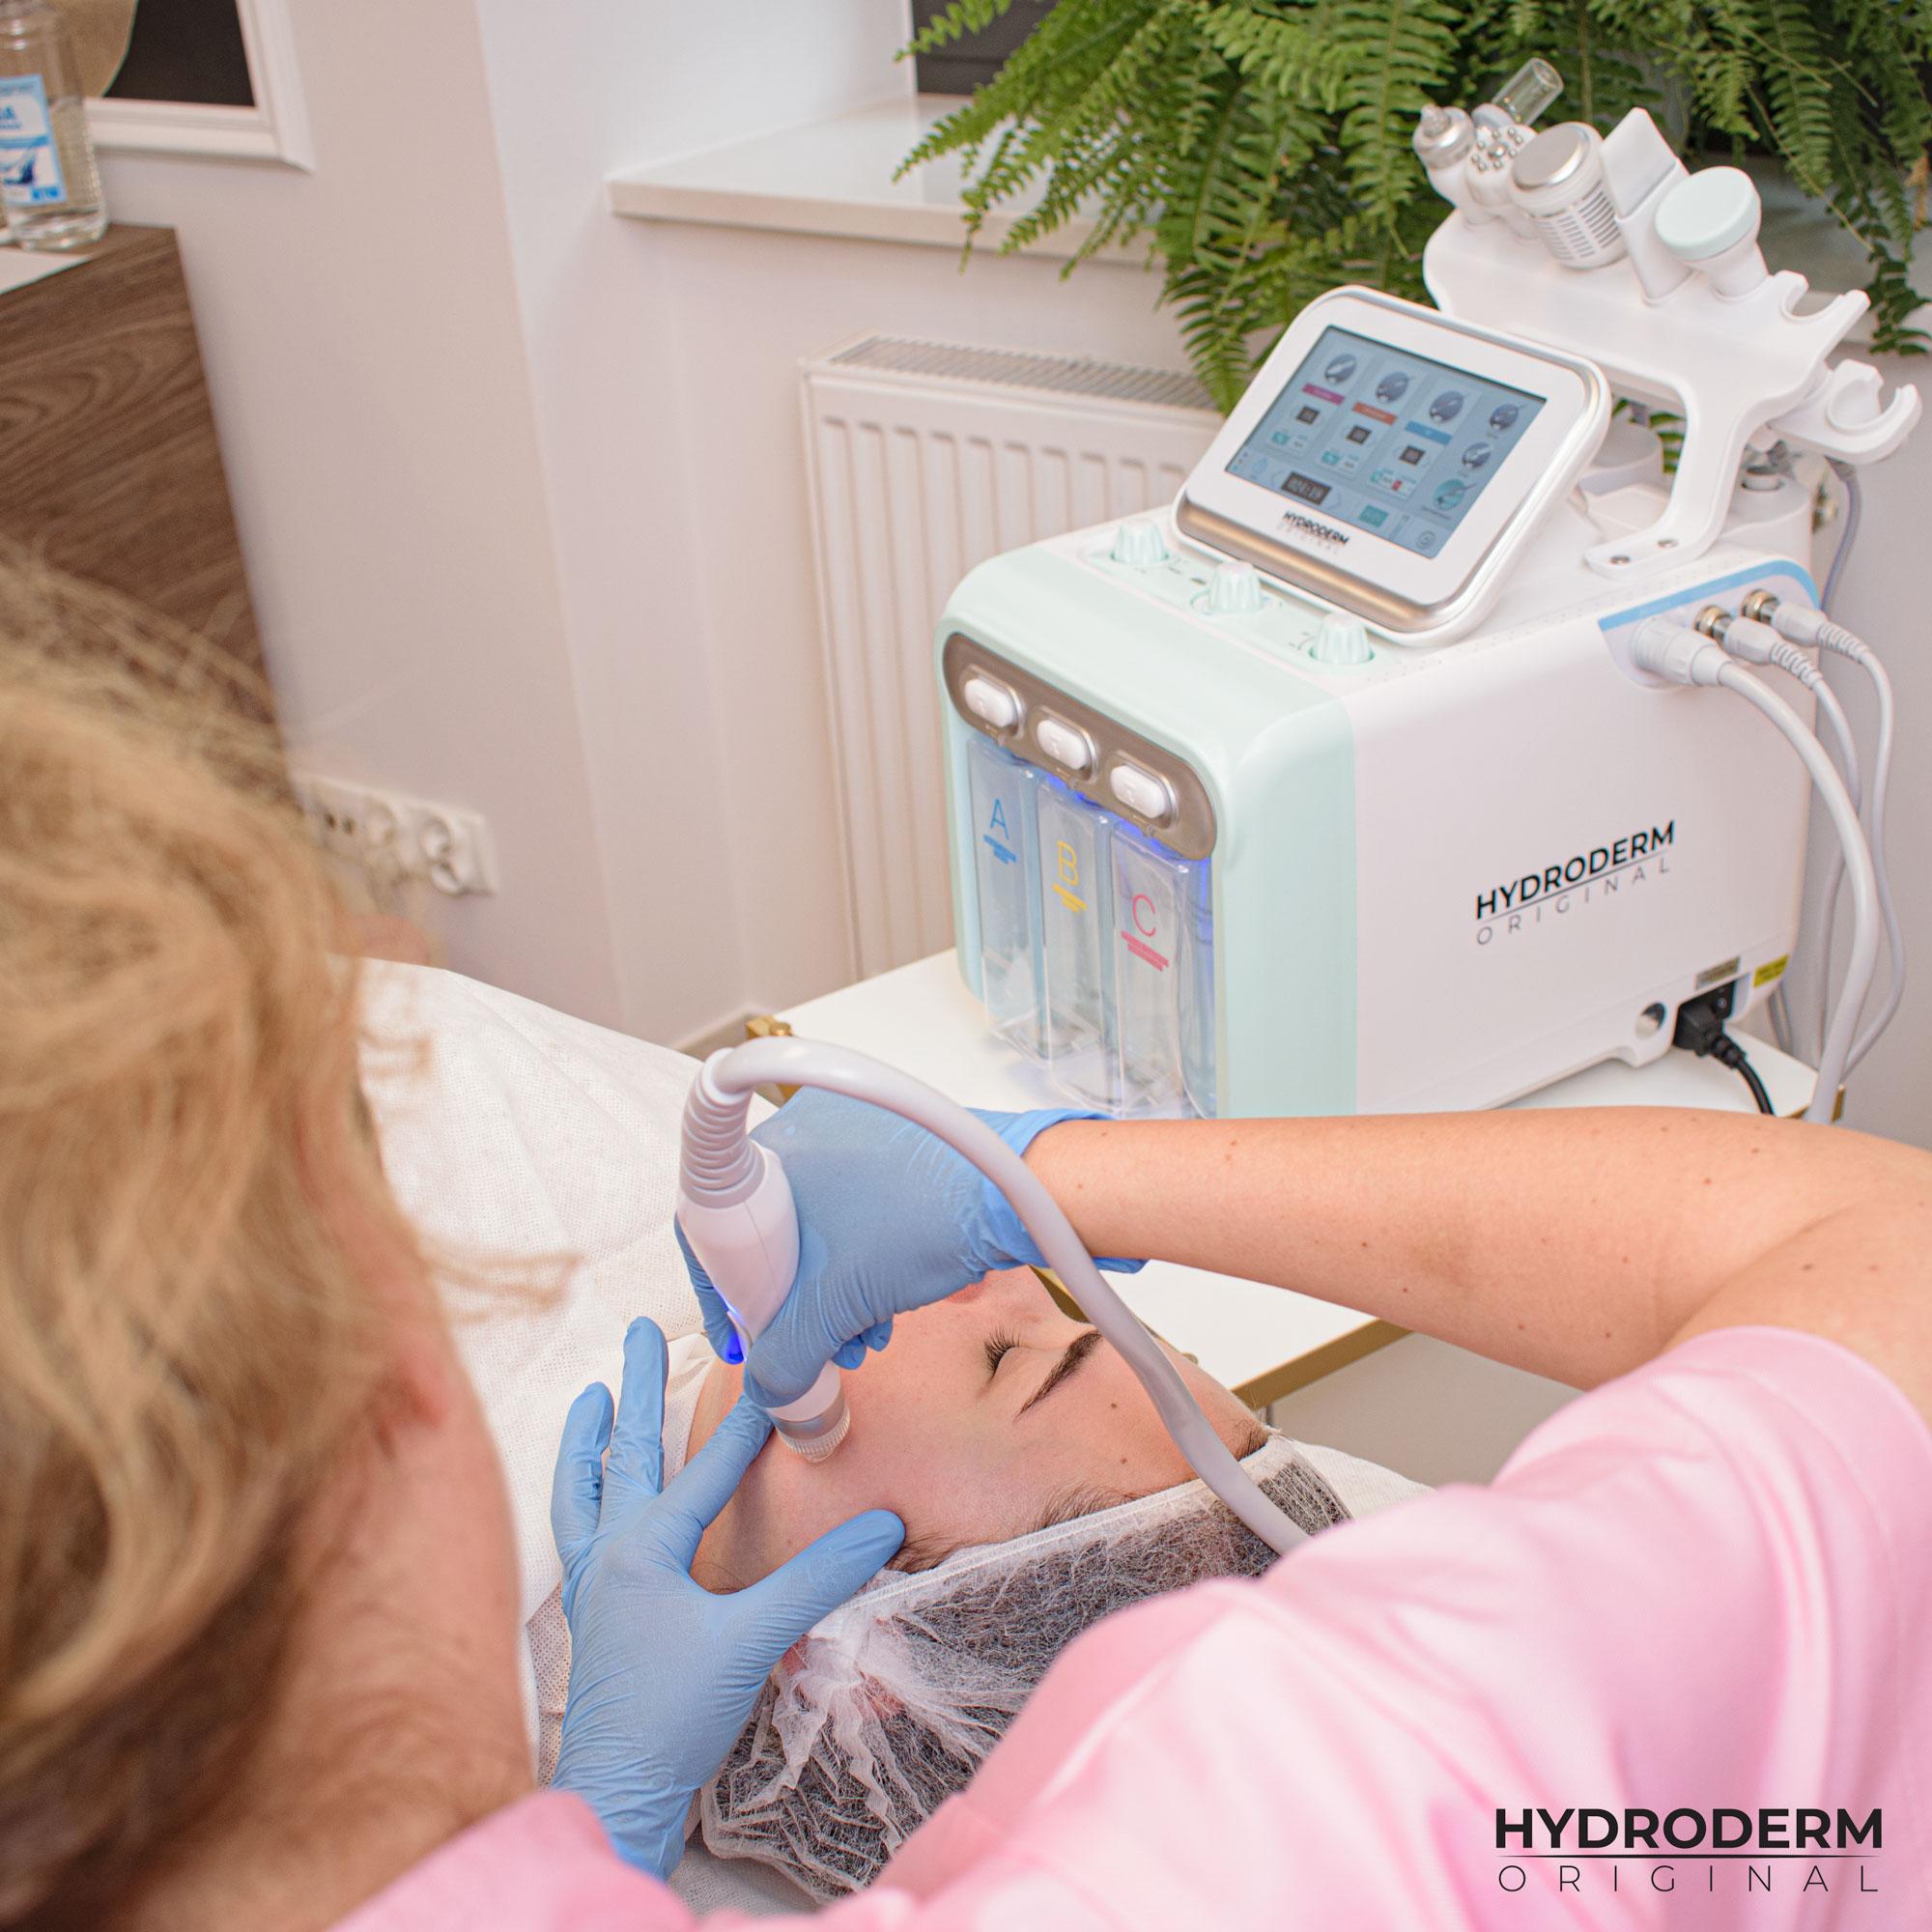 Po szkoleniu będziesz wiedzieć jaką głowicę zabiegową użyć do złuszczania martwych komórek skóry przy pomocy prądów wody i wodoru